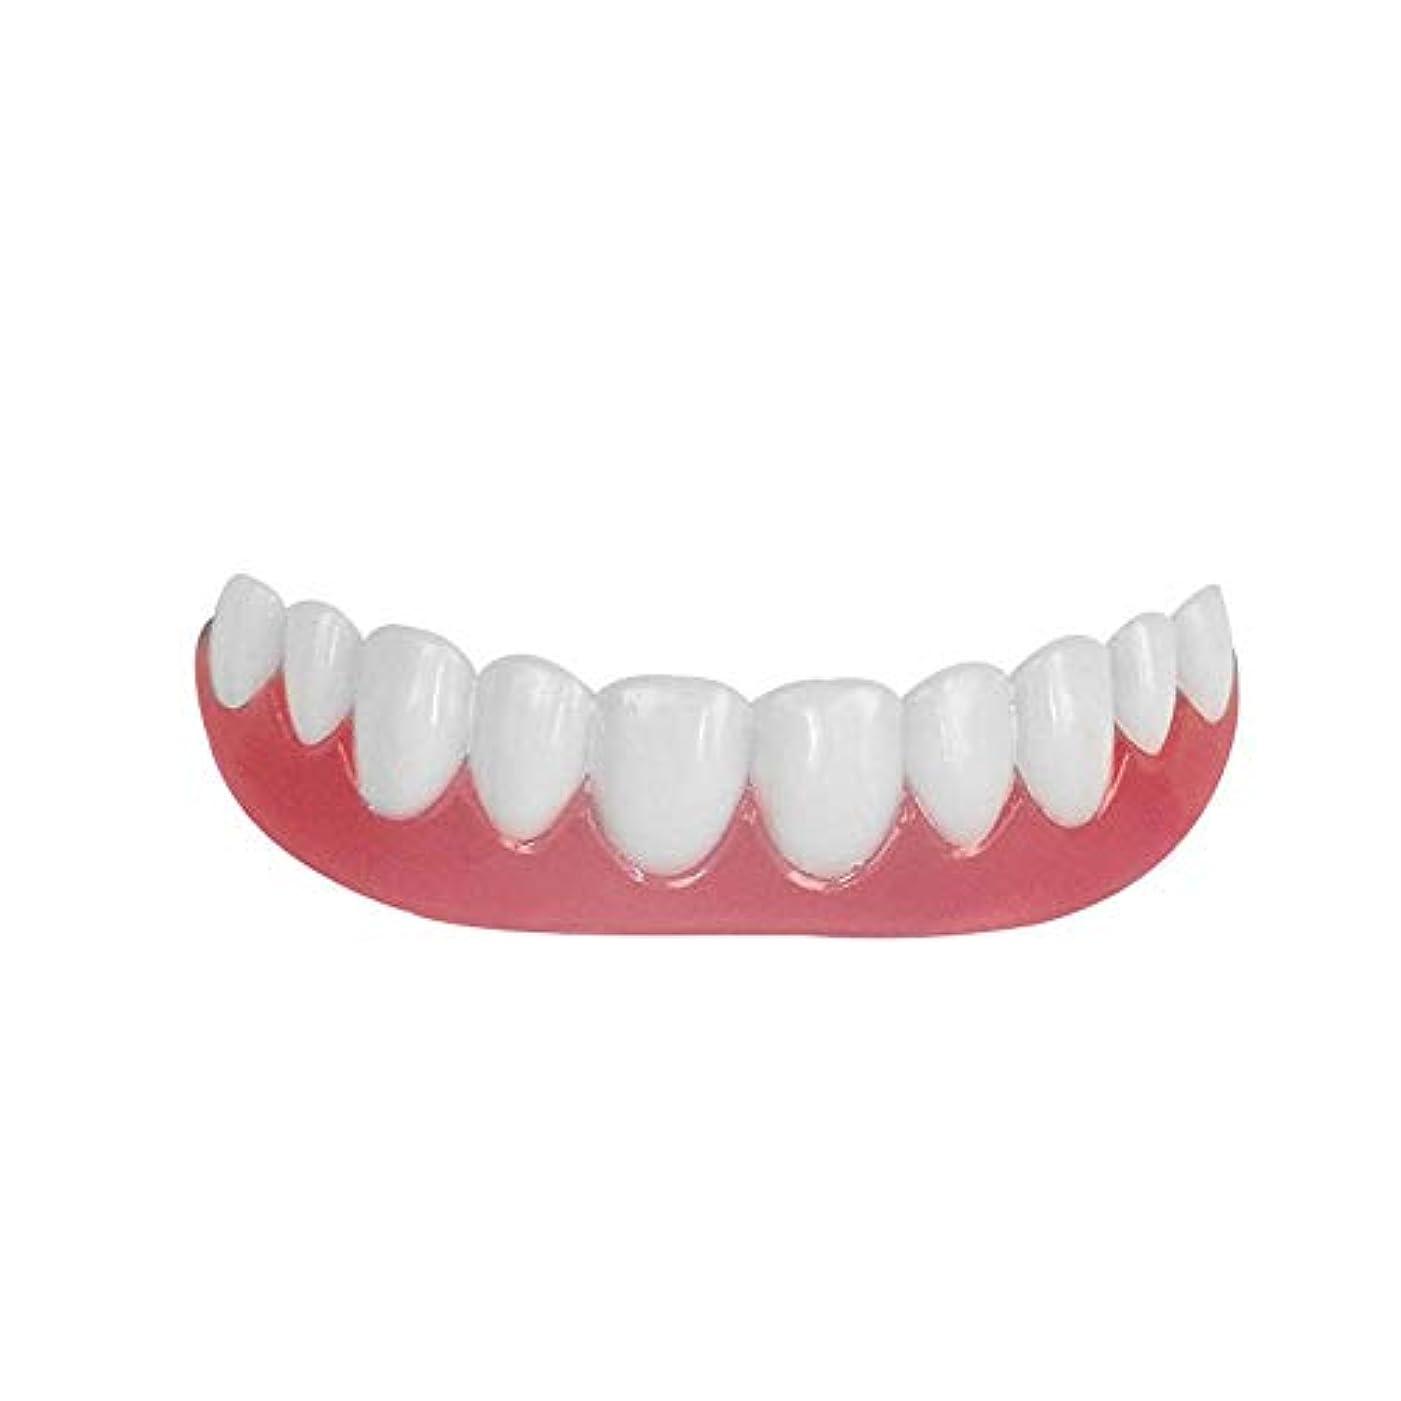 フライカイトステーキよく話されるシリコーン模擬歯上歯、ホワイトニングデンタルステッカー、歯ホワイトニングセット(3pcs),A